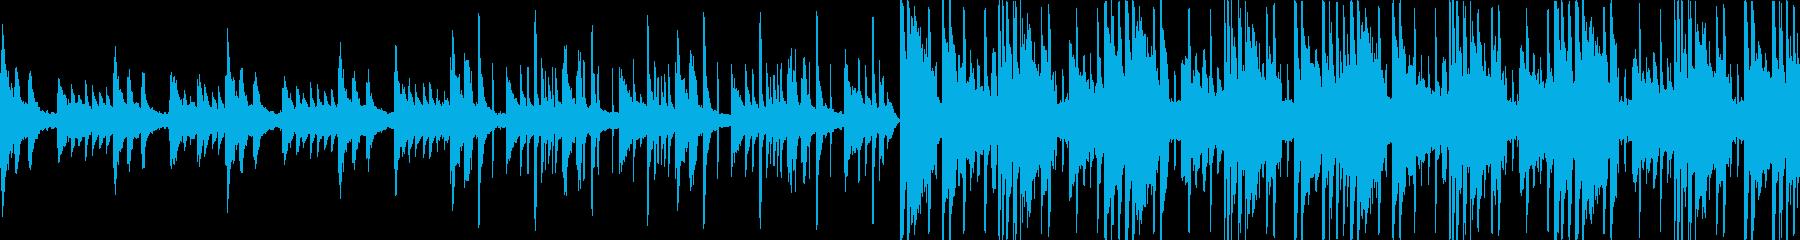 ループ、甘い雰囲気のピアノLo-Fiの再生済みの波形